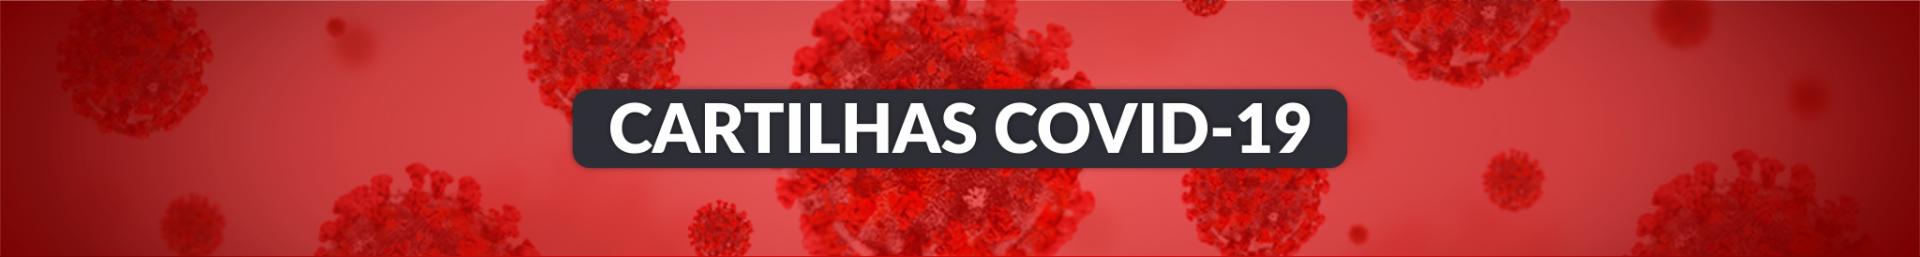 Cartilhas covid-19